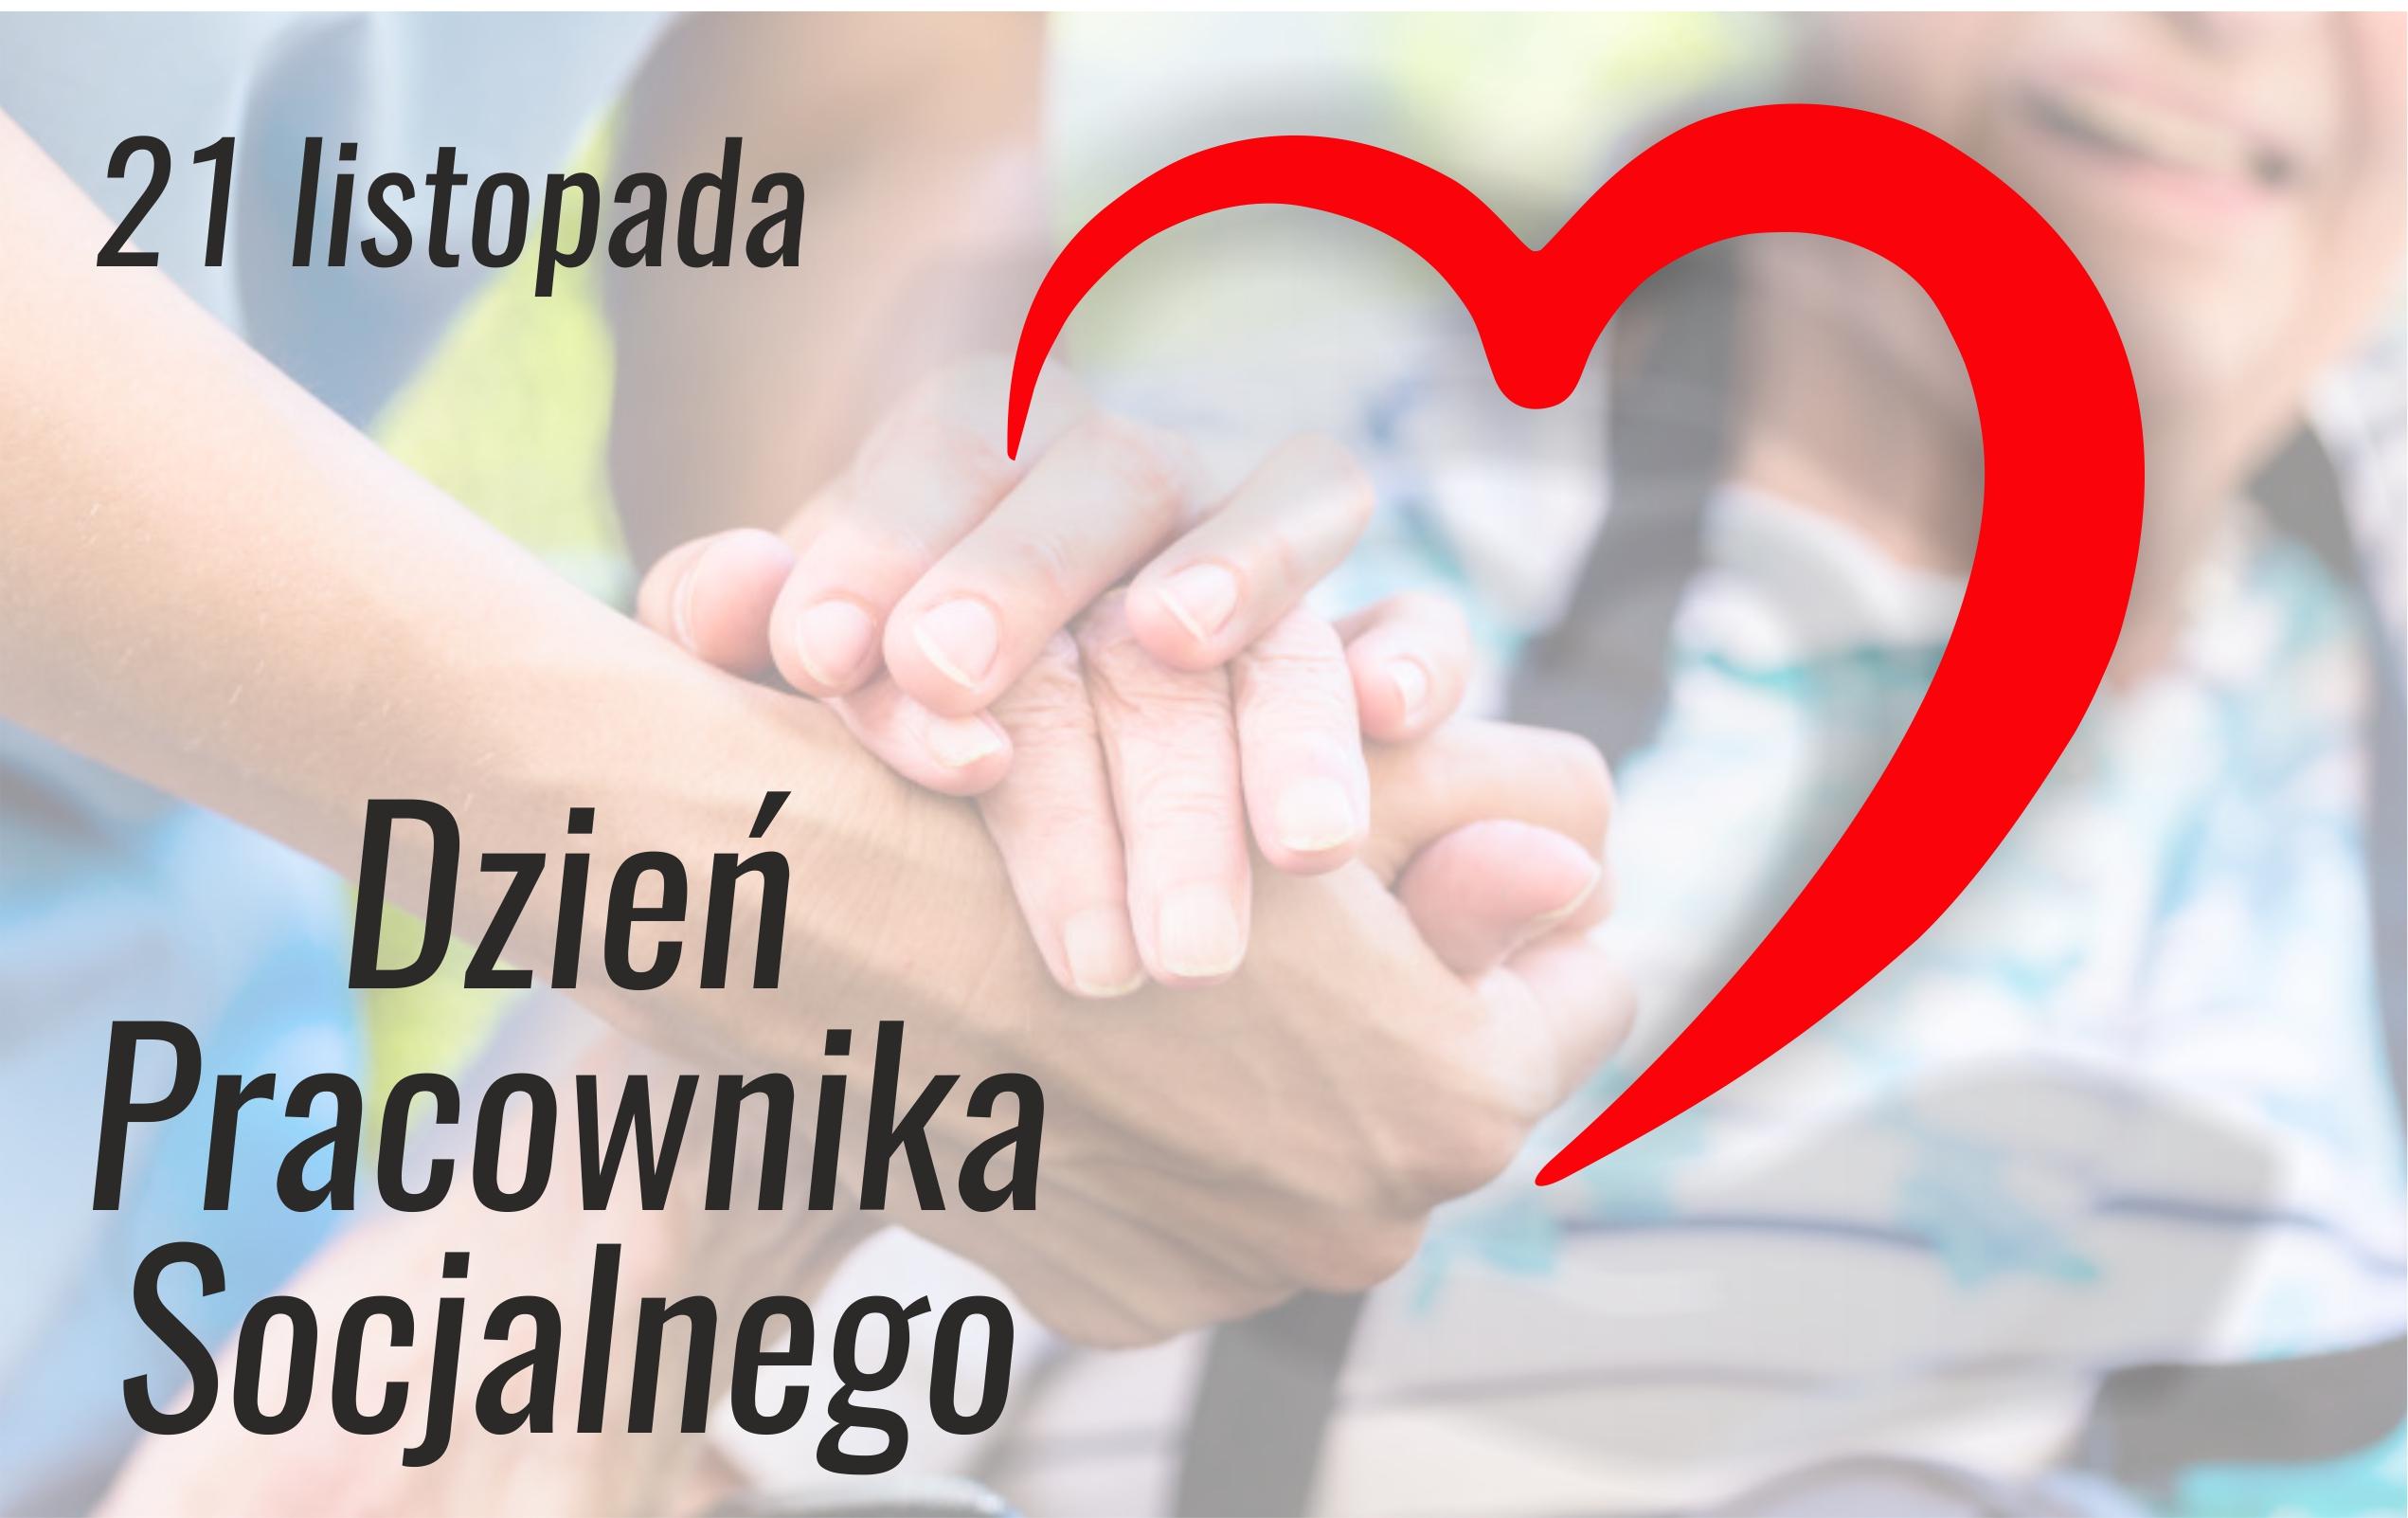 plakat - Dzień Pracownika Socjalnego. Dwie dłonie w uścisku z sercem wokół nich